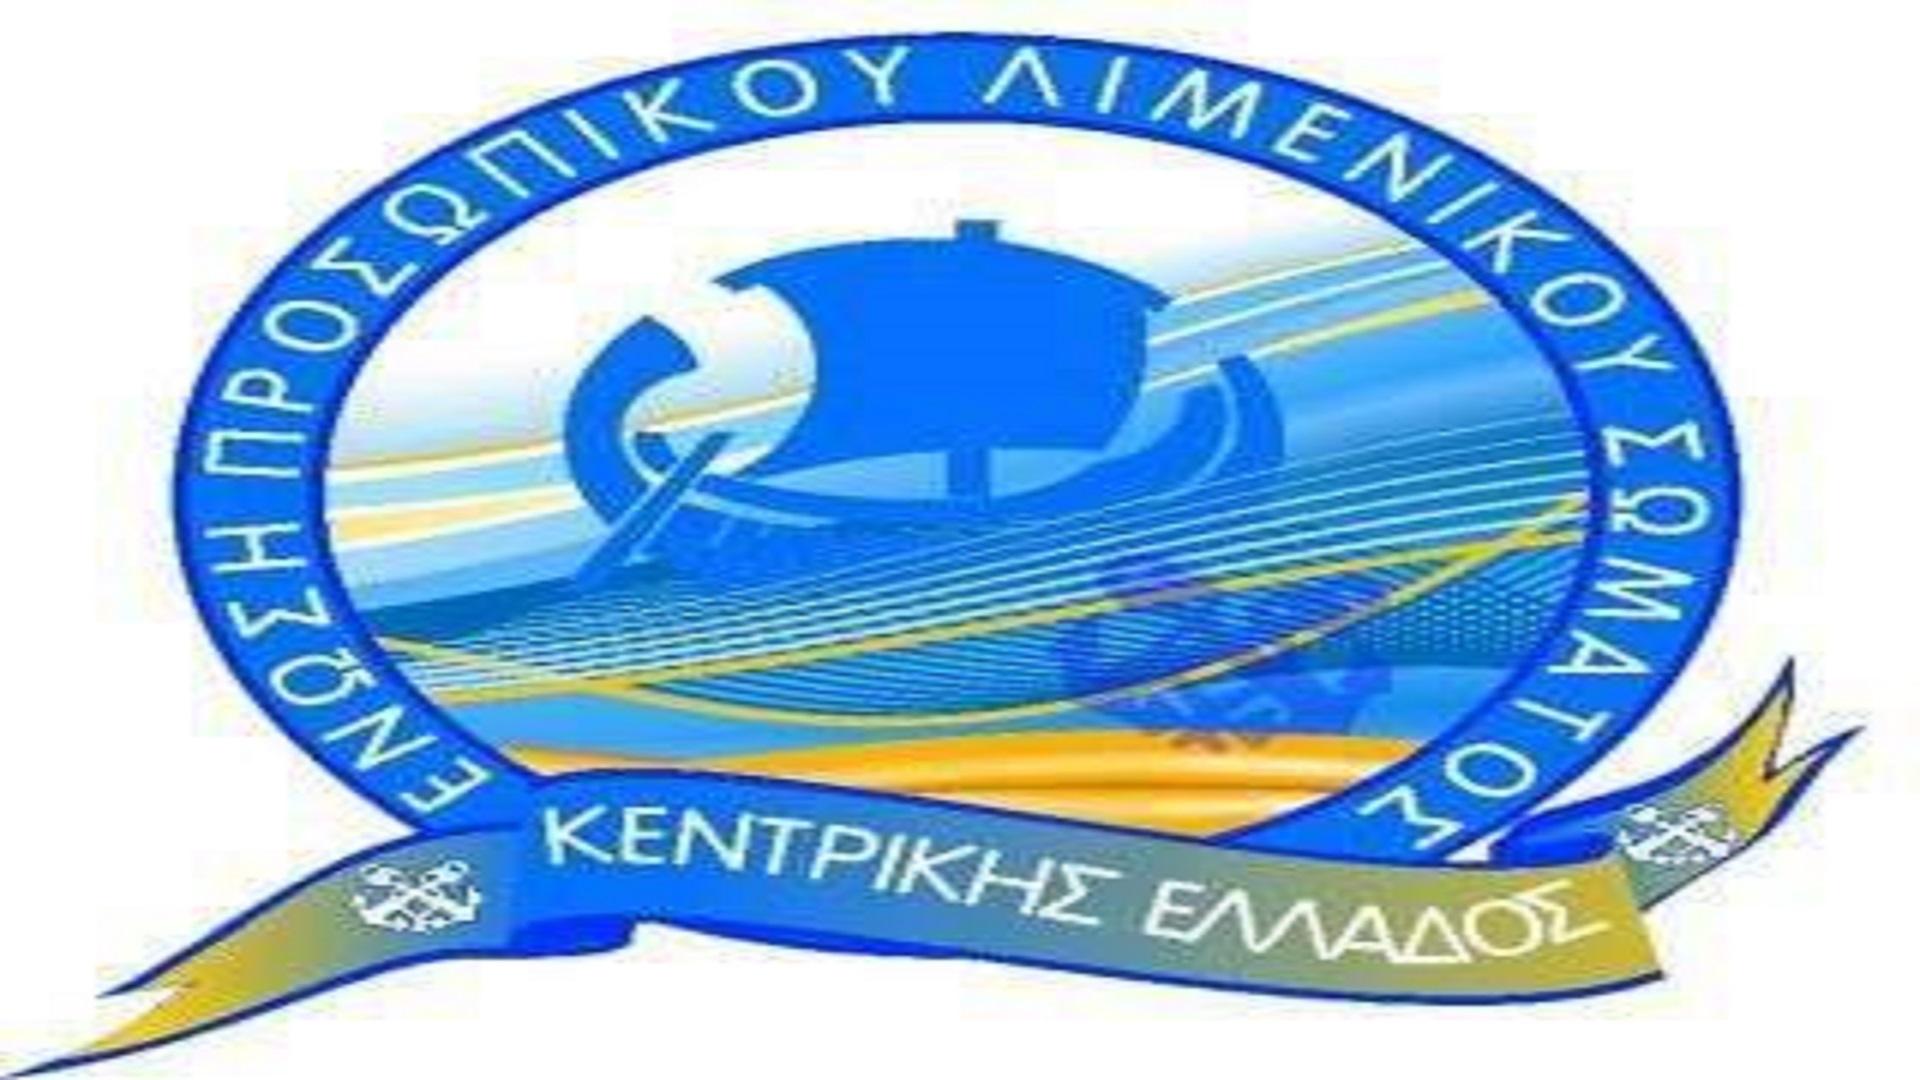 Έκφραση συγχαρητηρίων από την ΕΠΛΣ Κεντρικής Ελλάδας